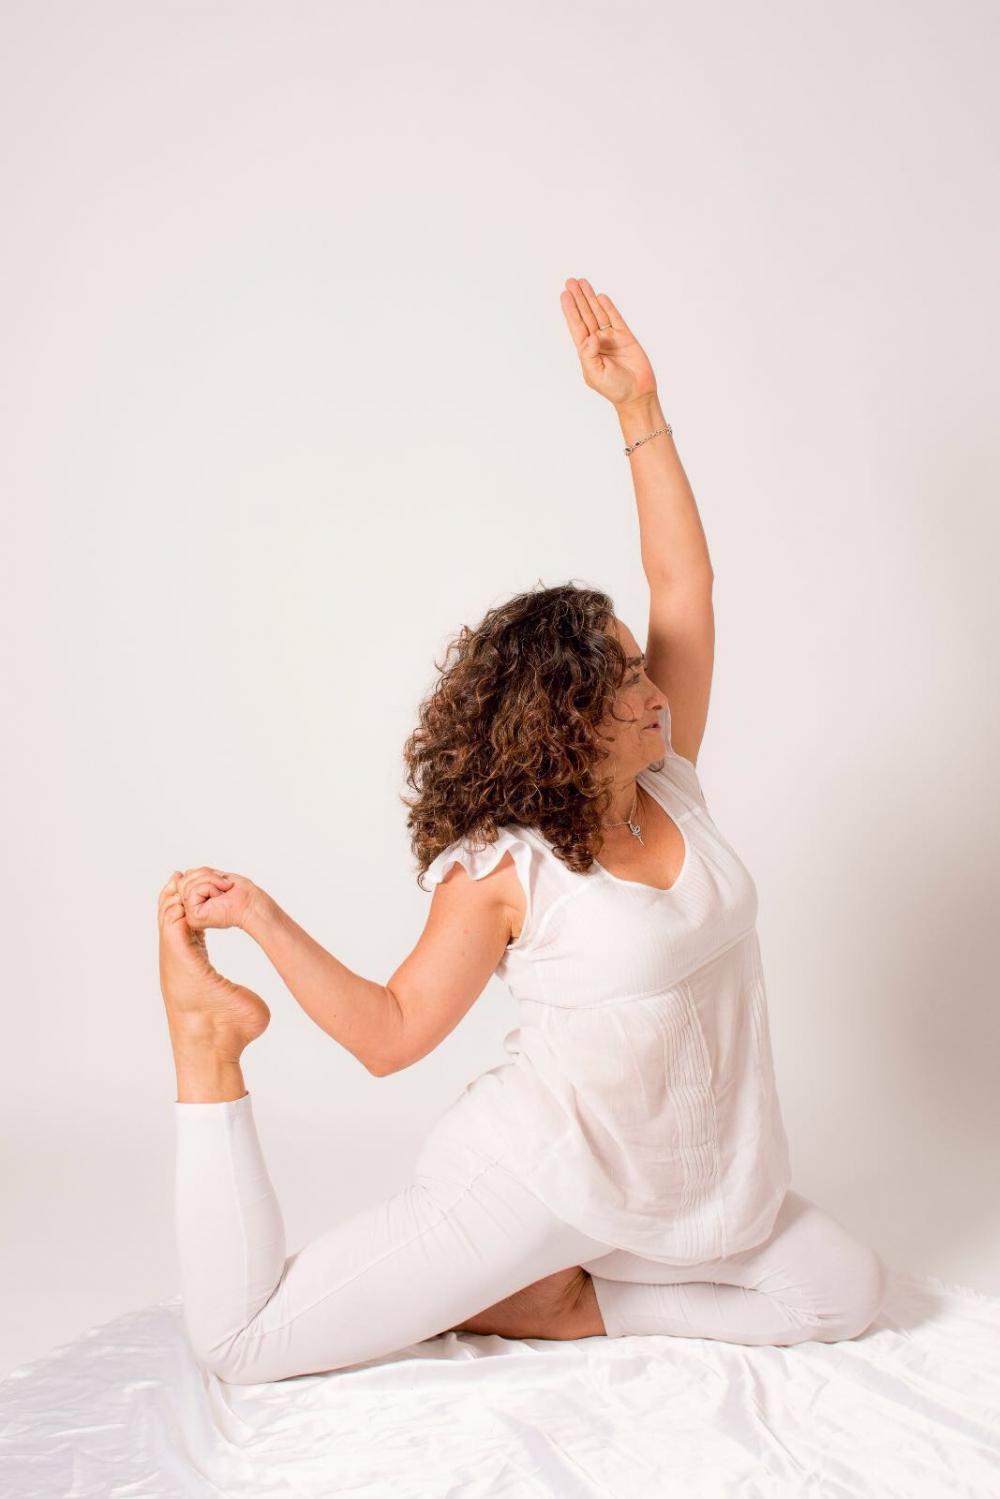 yoga gratis en fuenlabrada